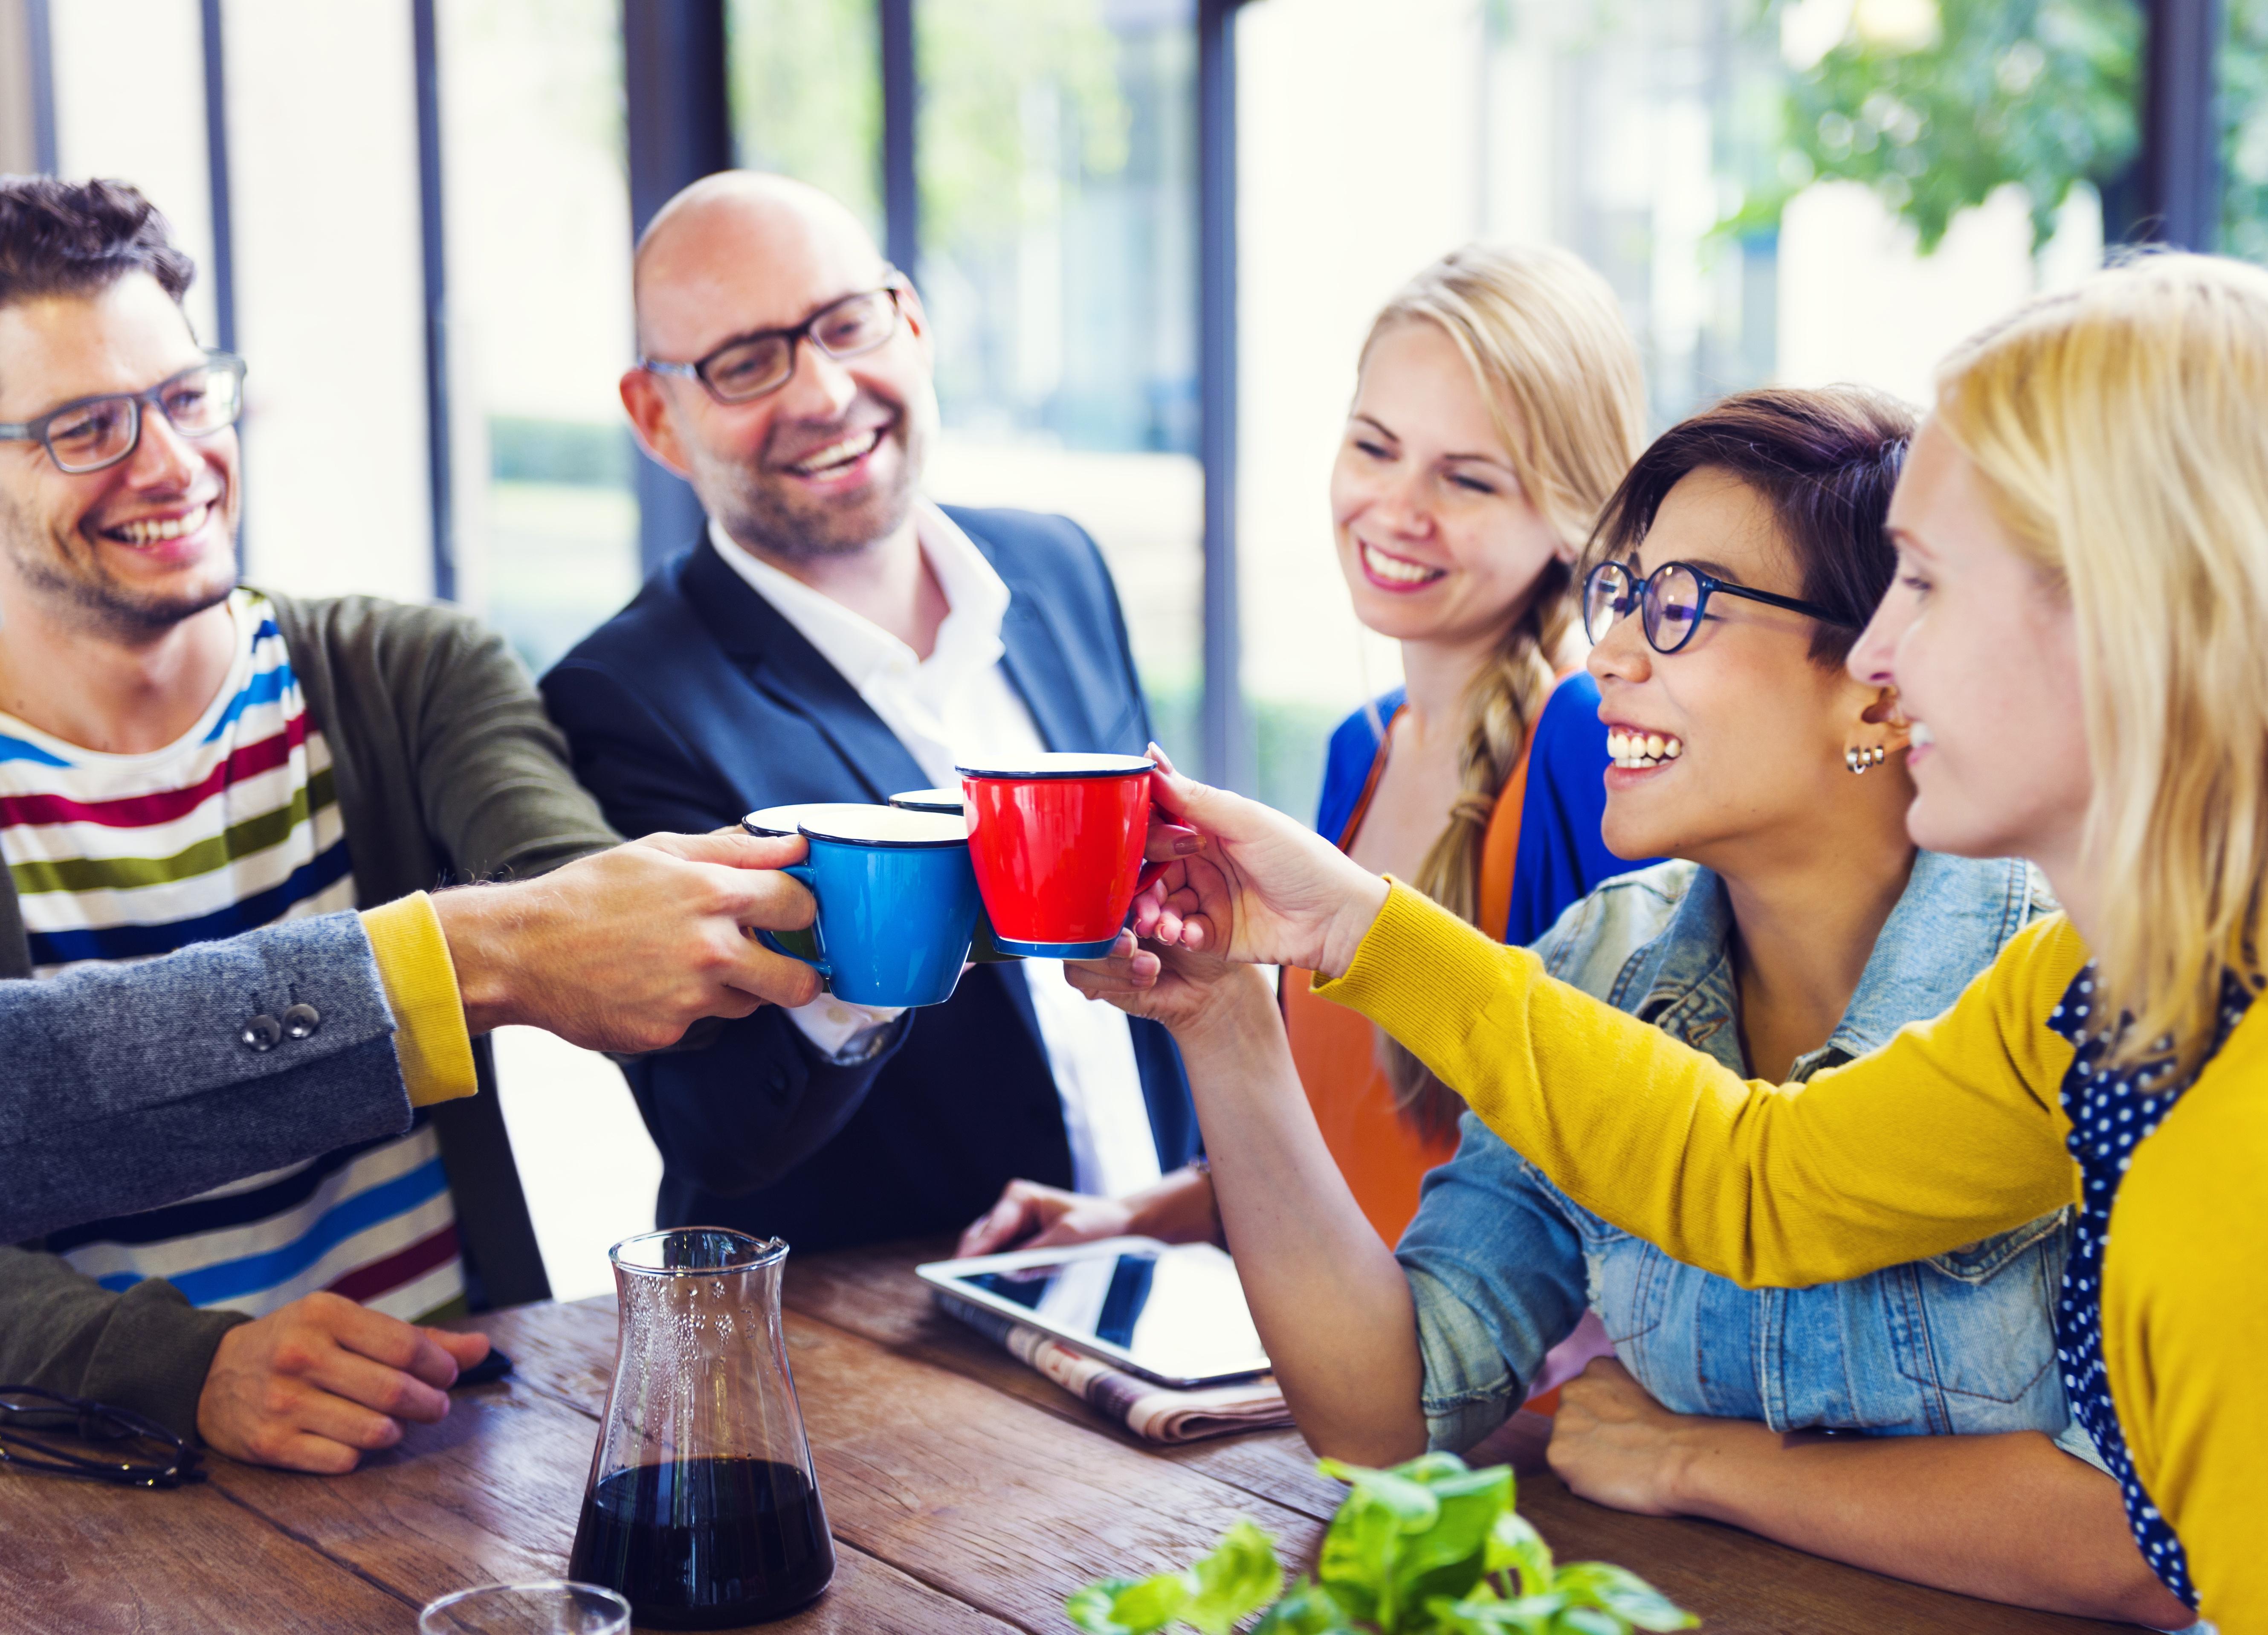 meeting-office-people-cool-happy-friends-cheers_184634228.jpg